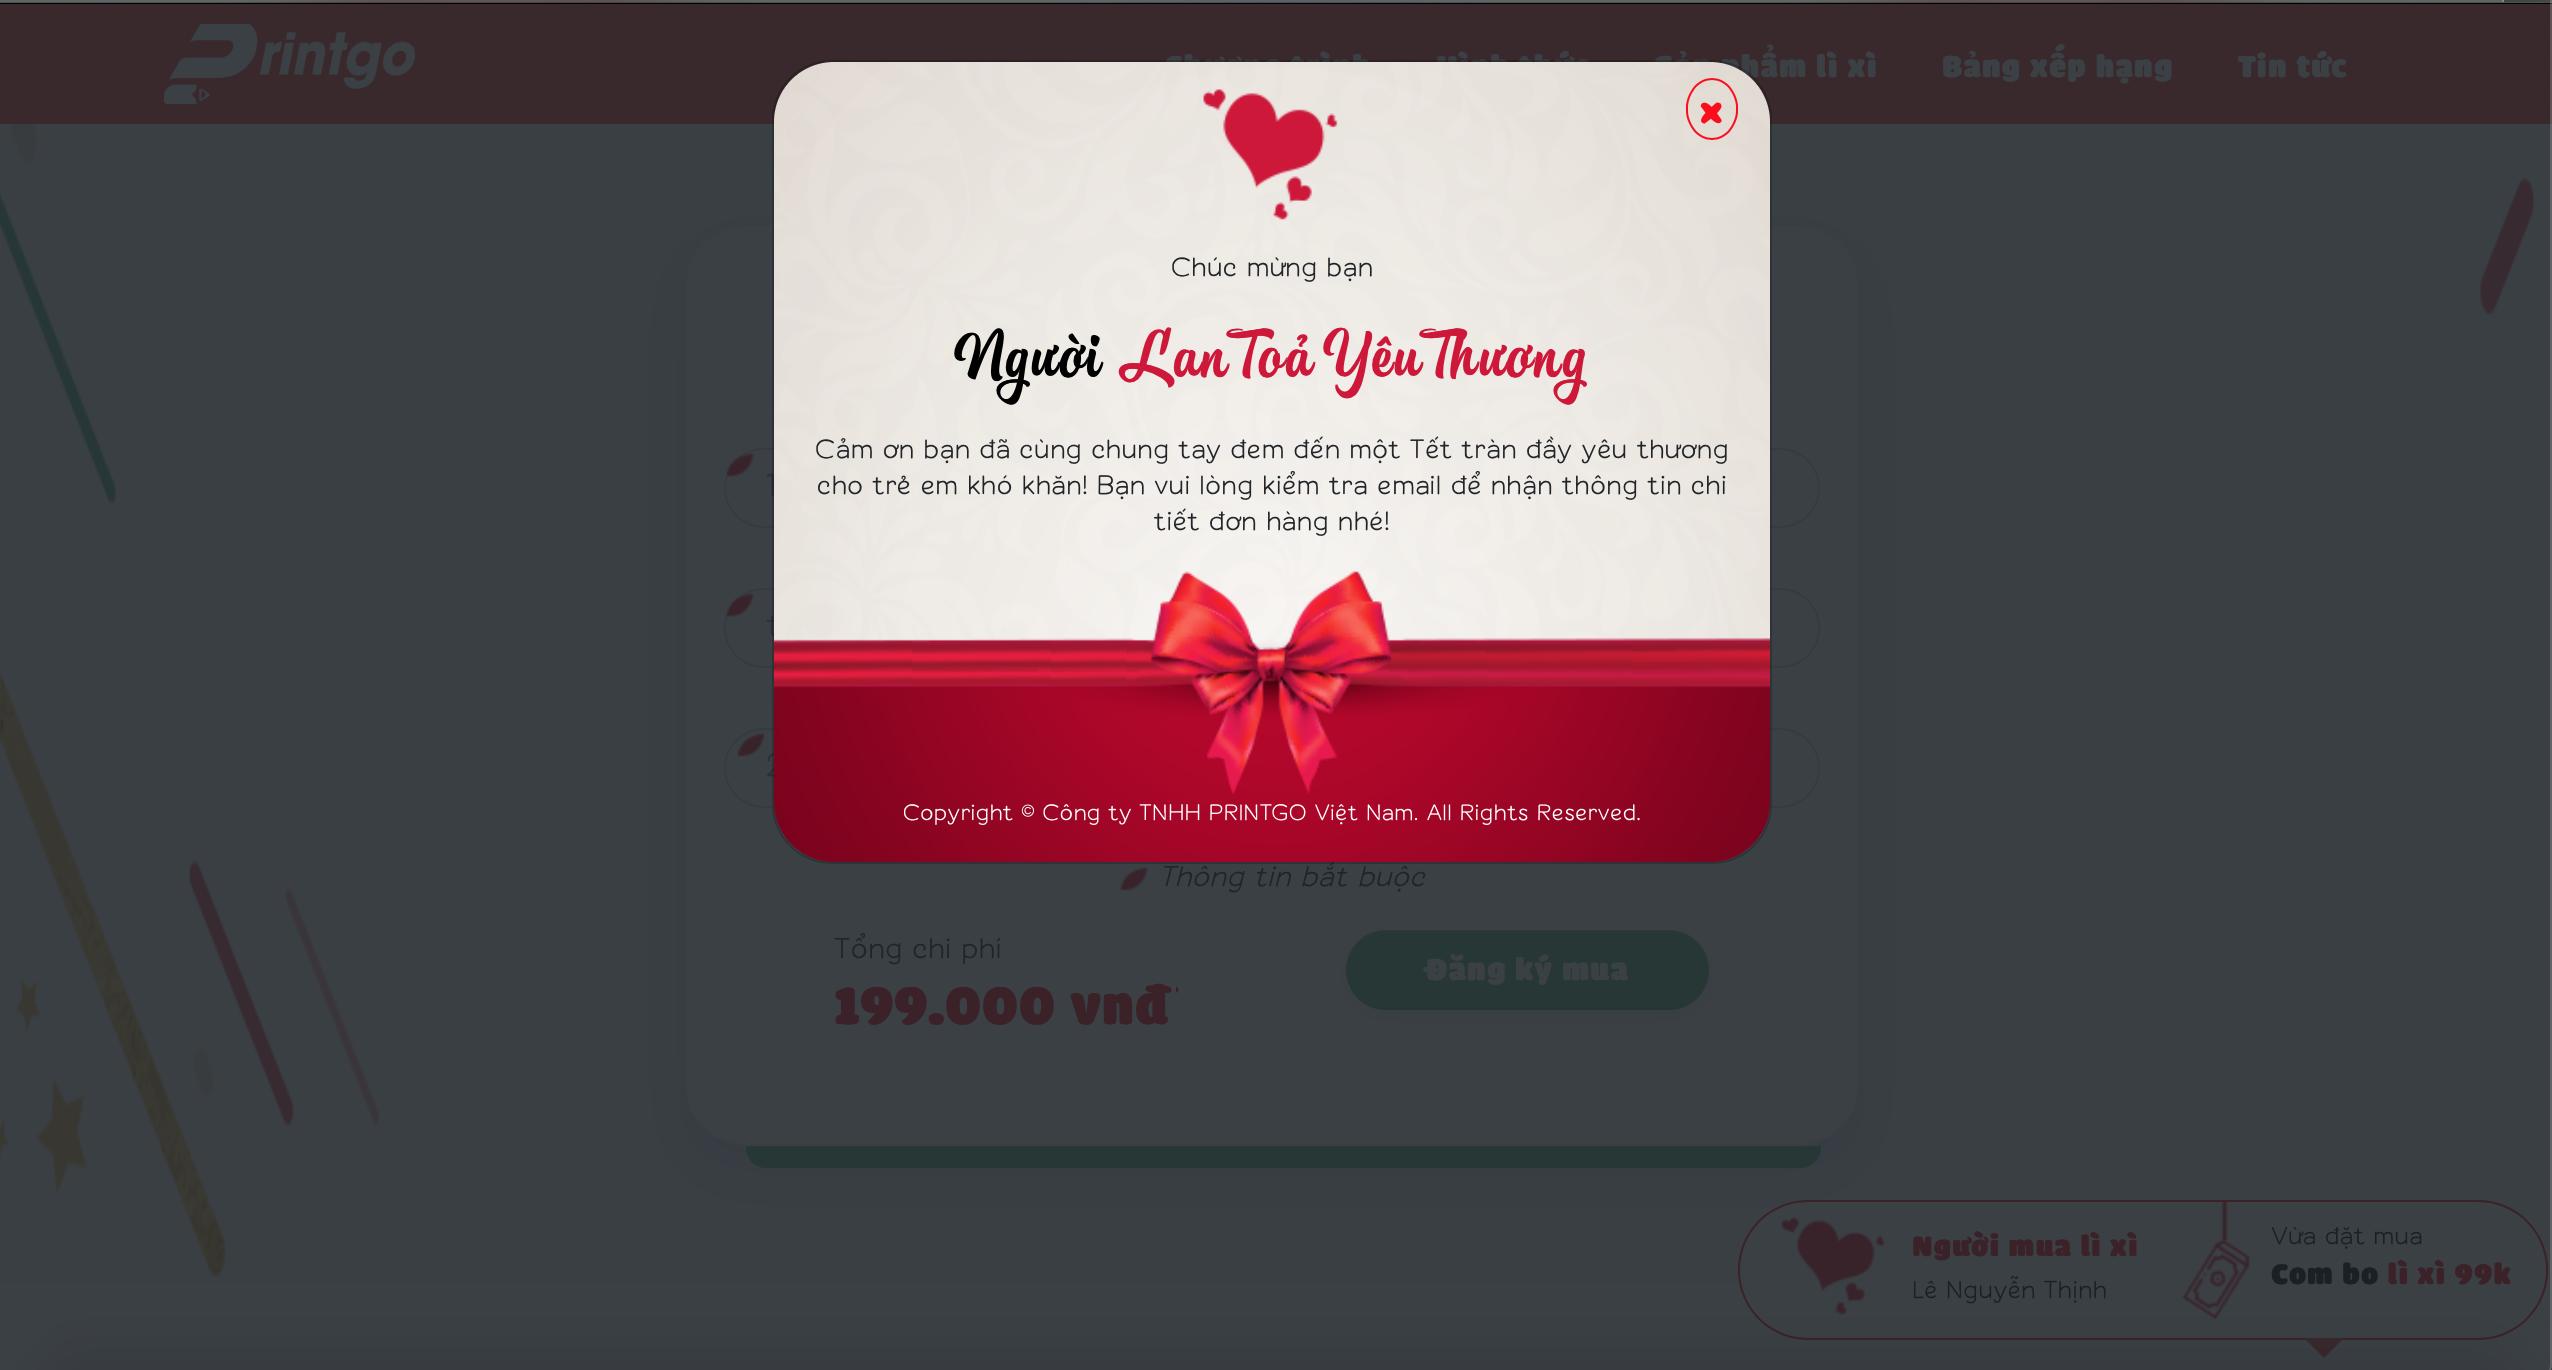 Hướng dẫn đặt hàng và đóng góp cho chương trình Lì xì Yêu thương